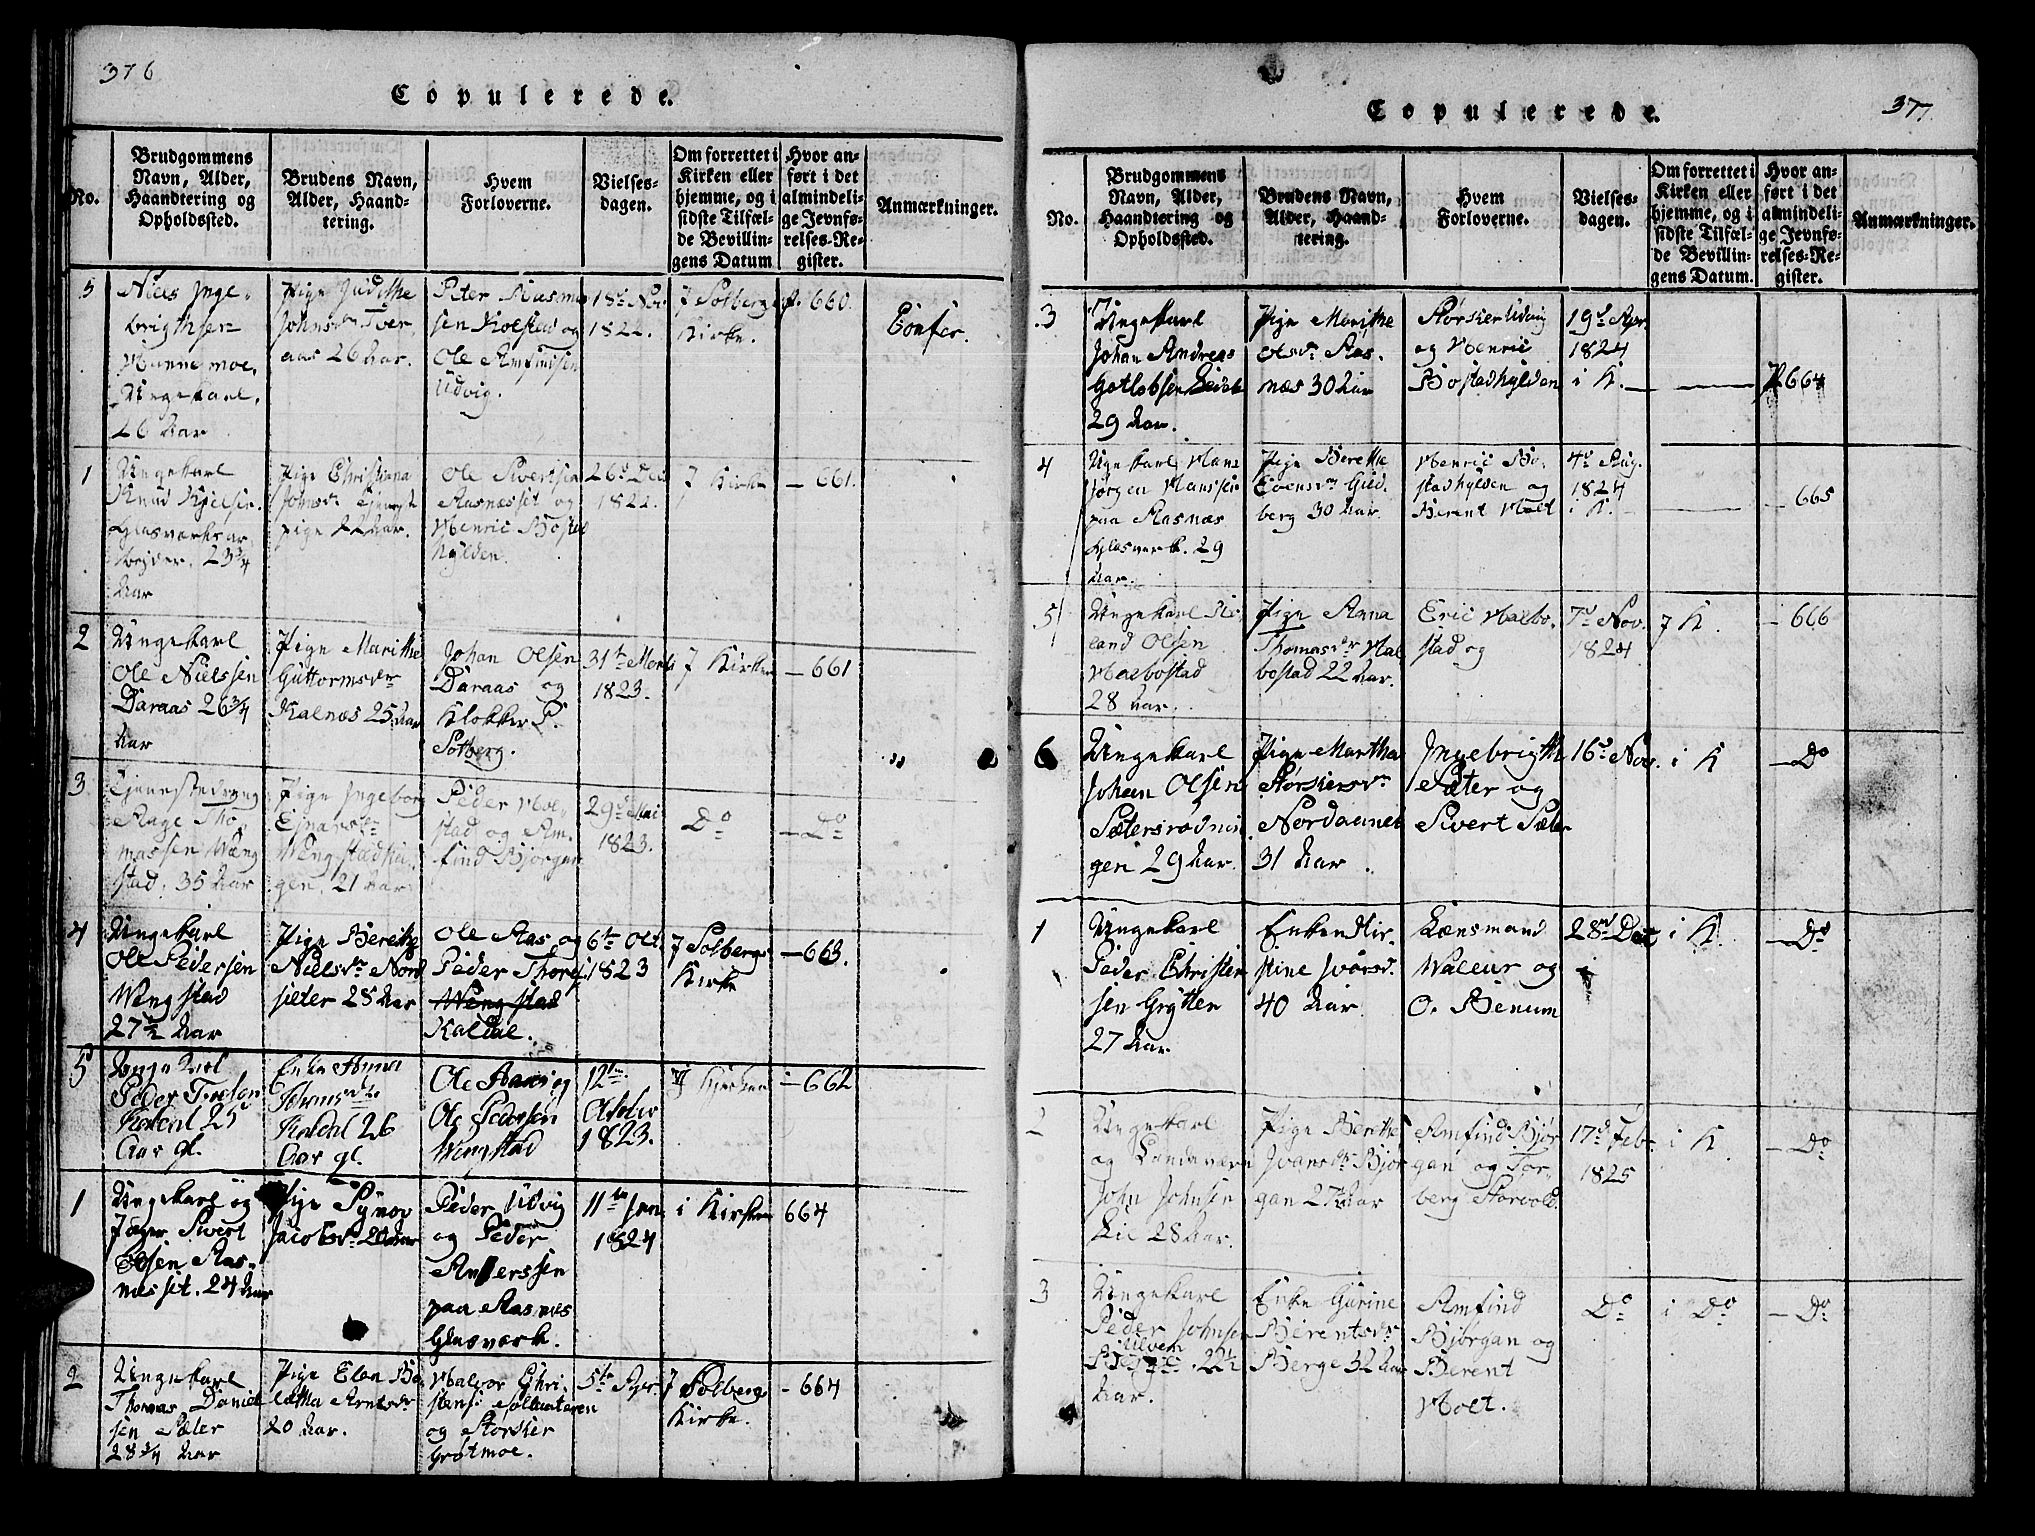 SAT, Ministerialprotokoller, klokkerbøker og fødselsregistre - Nord-Trøndelag, 742/L0411: Klokkerbok nr. 742C02, 1817-1825, s. 376-377